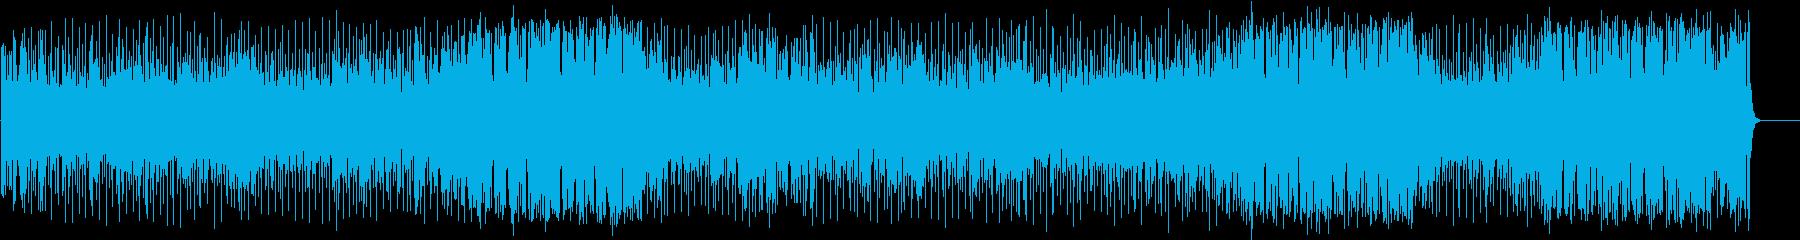 はつらつ気分のポップ(フルサイズ)の再生済みの波形